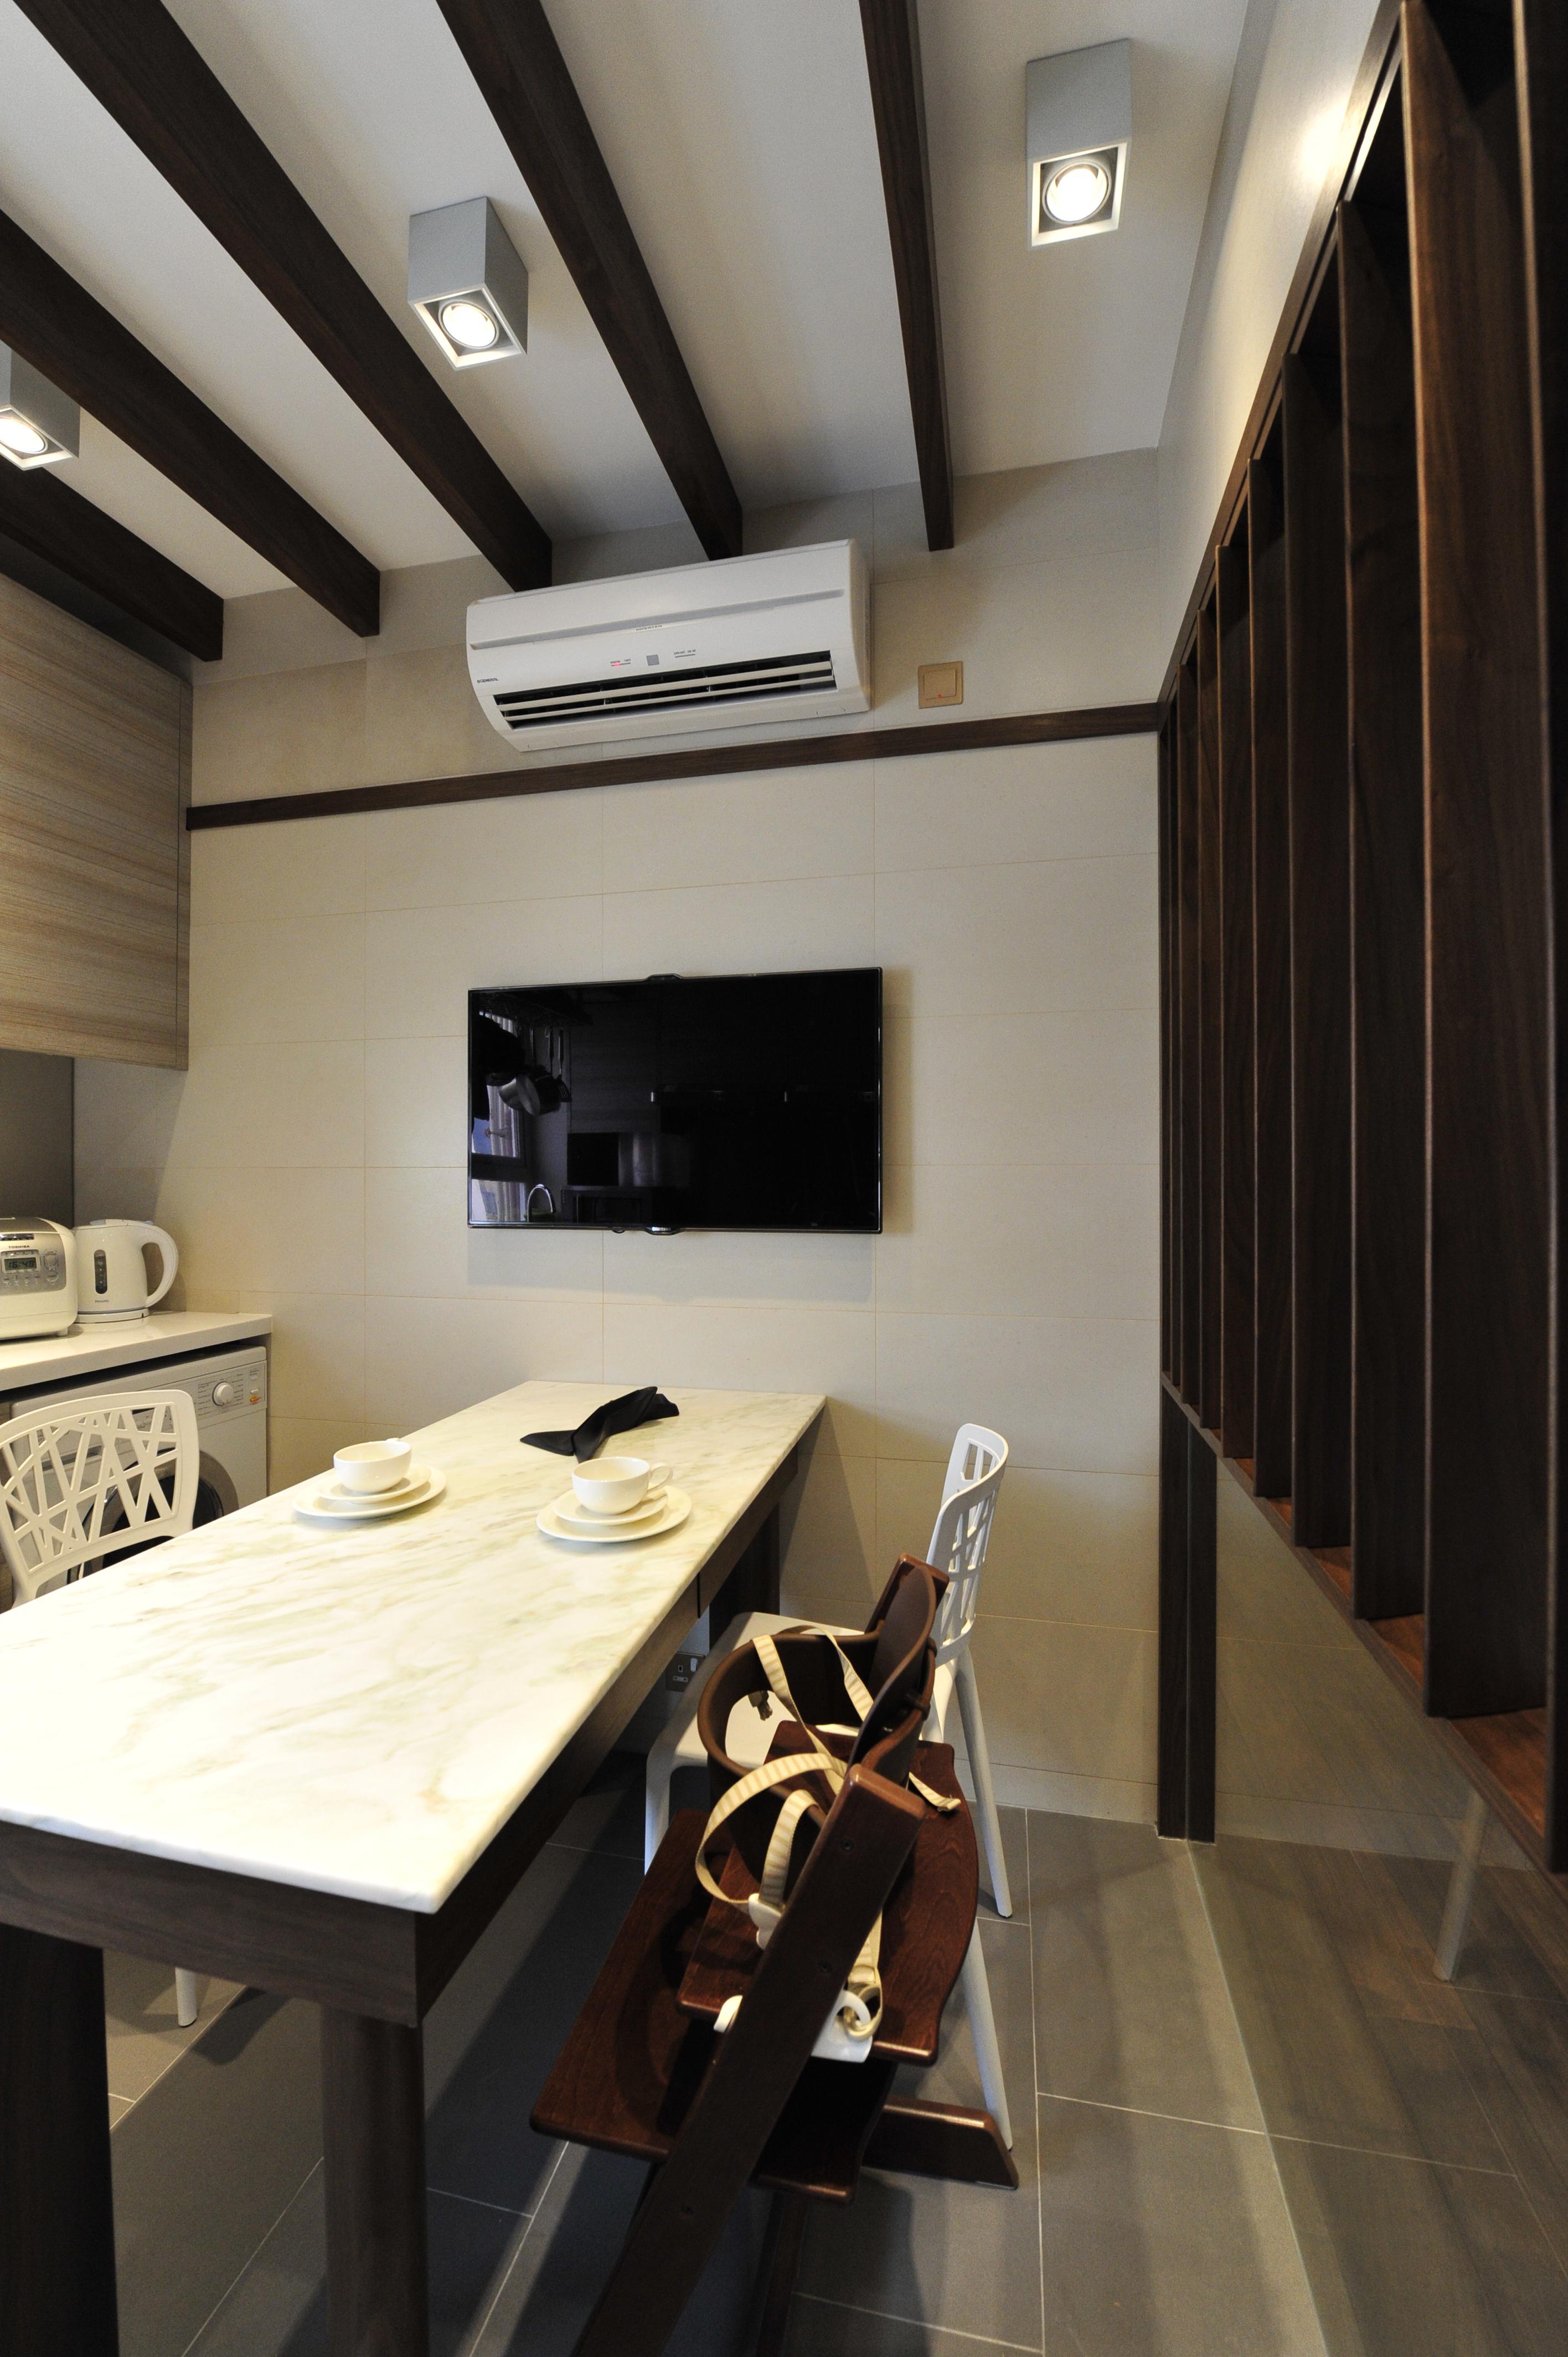 家居設計 Home Design HK 和室 Japanese Style Home (9)